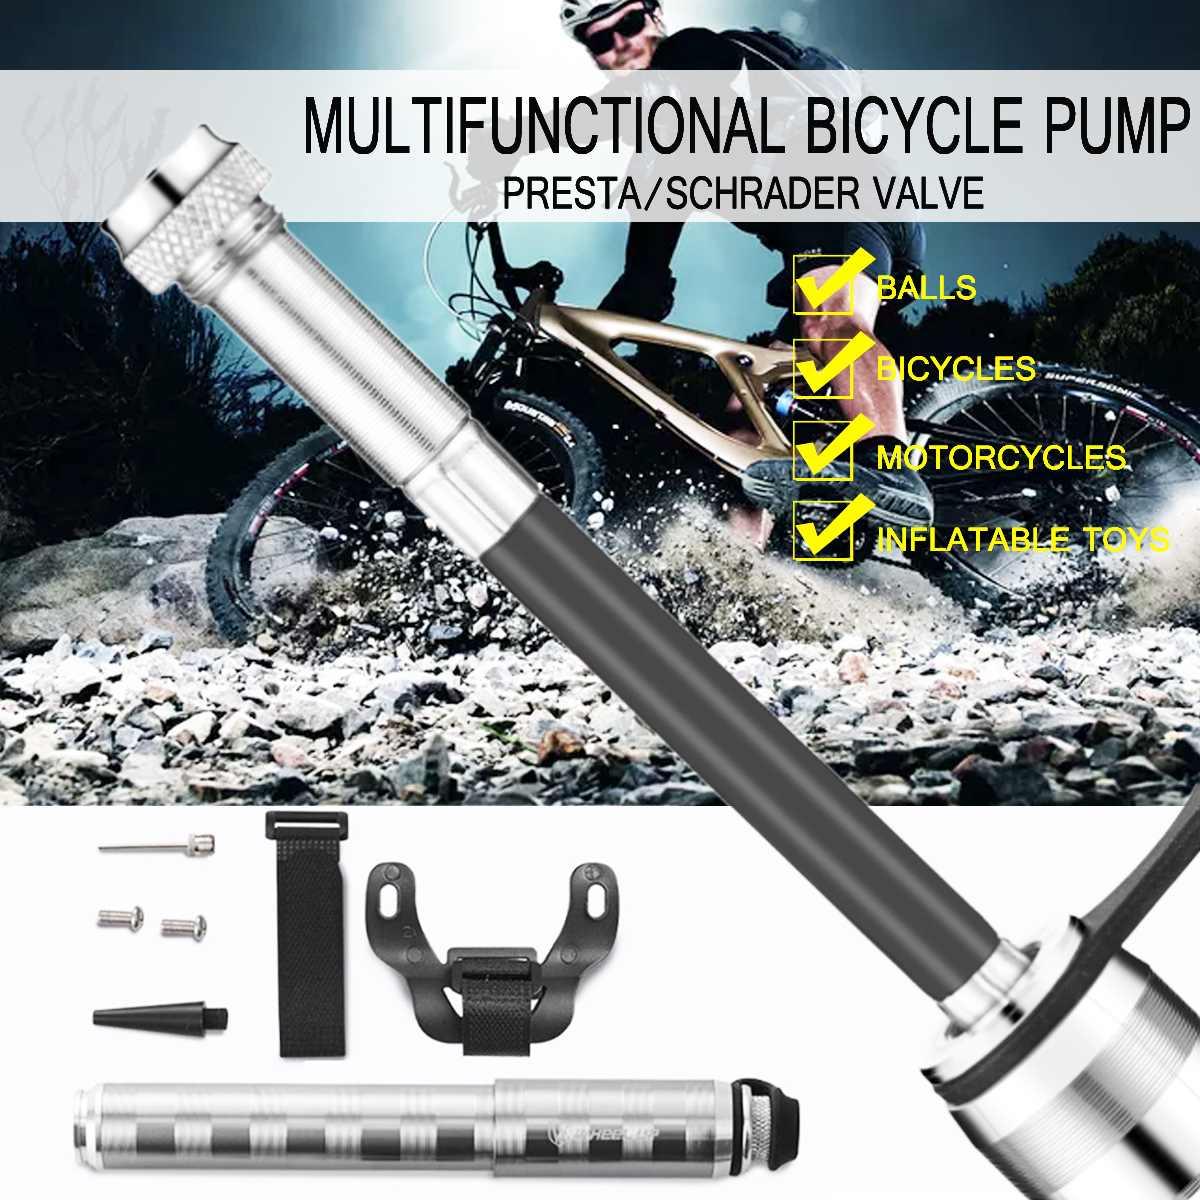 Pompe à vélo multifonctionnelle pompe à vélo à pousser la main Mini pompe à Air de vélo Portable pour roue vers le haut pour les boules de vélo jouet gonflable